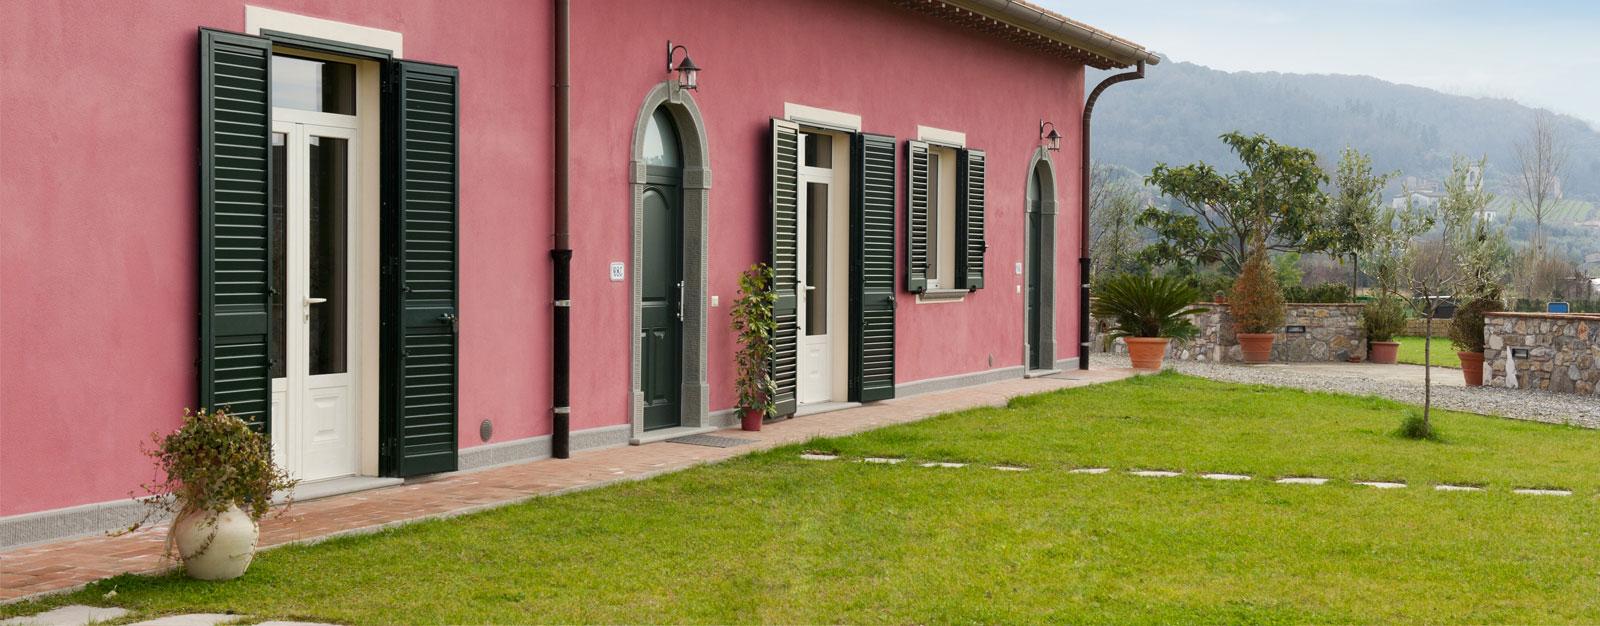 Mammeonline leggi argomento colore esterno casa - Colori per esterno casa foto ...